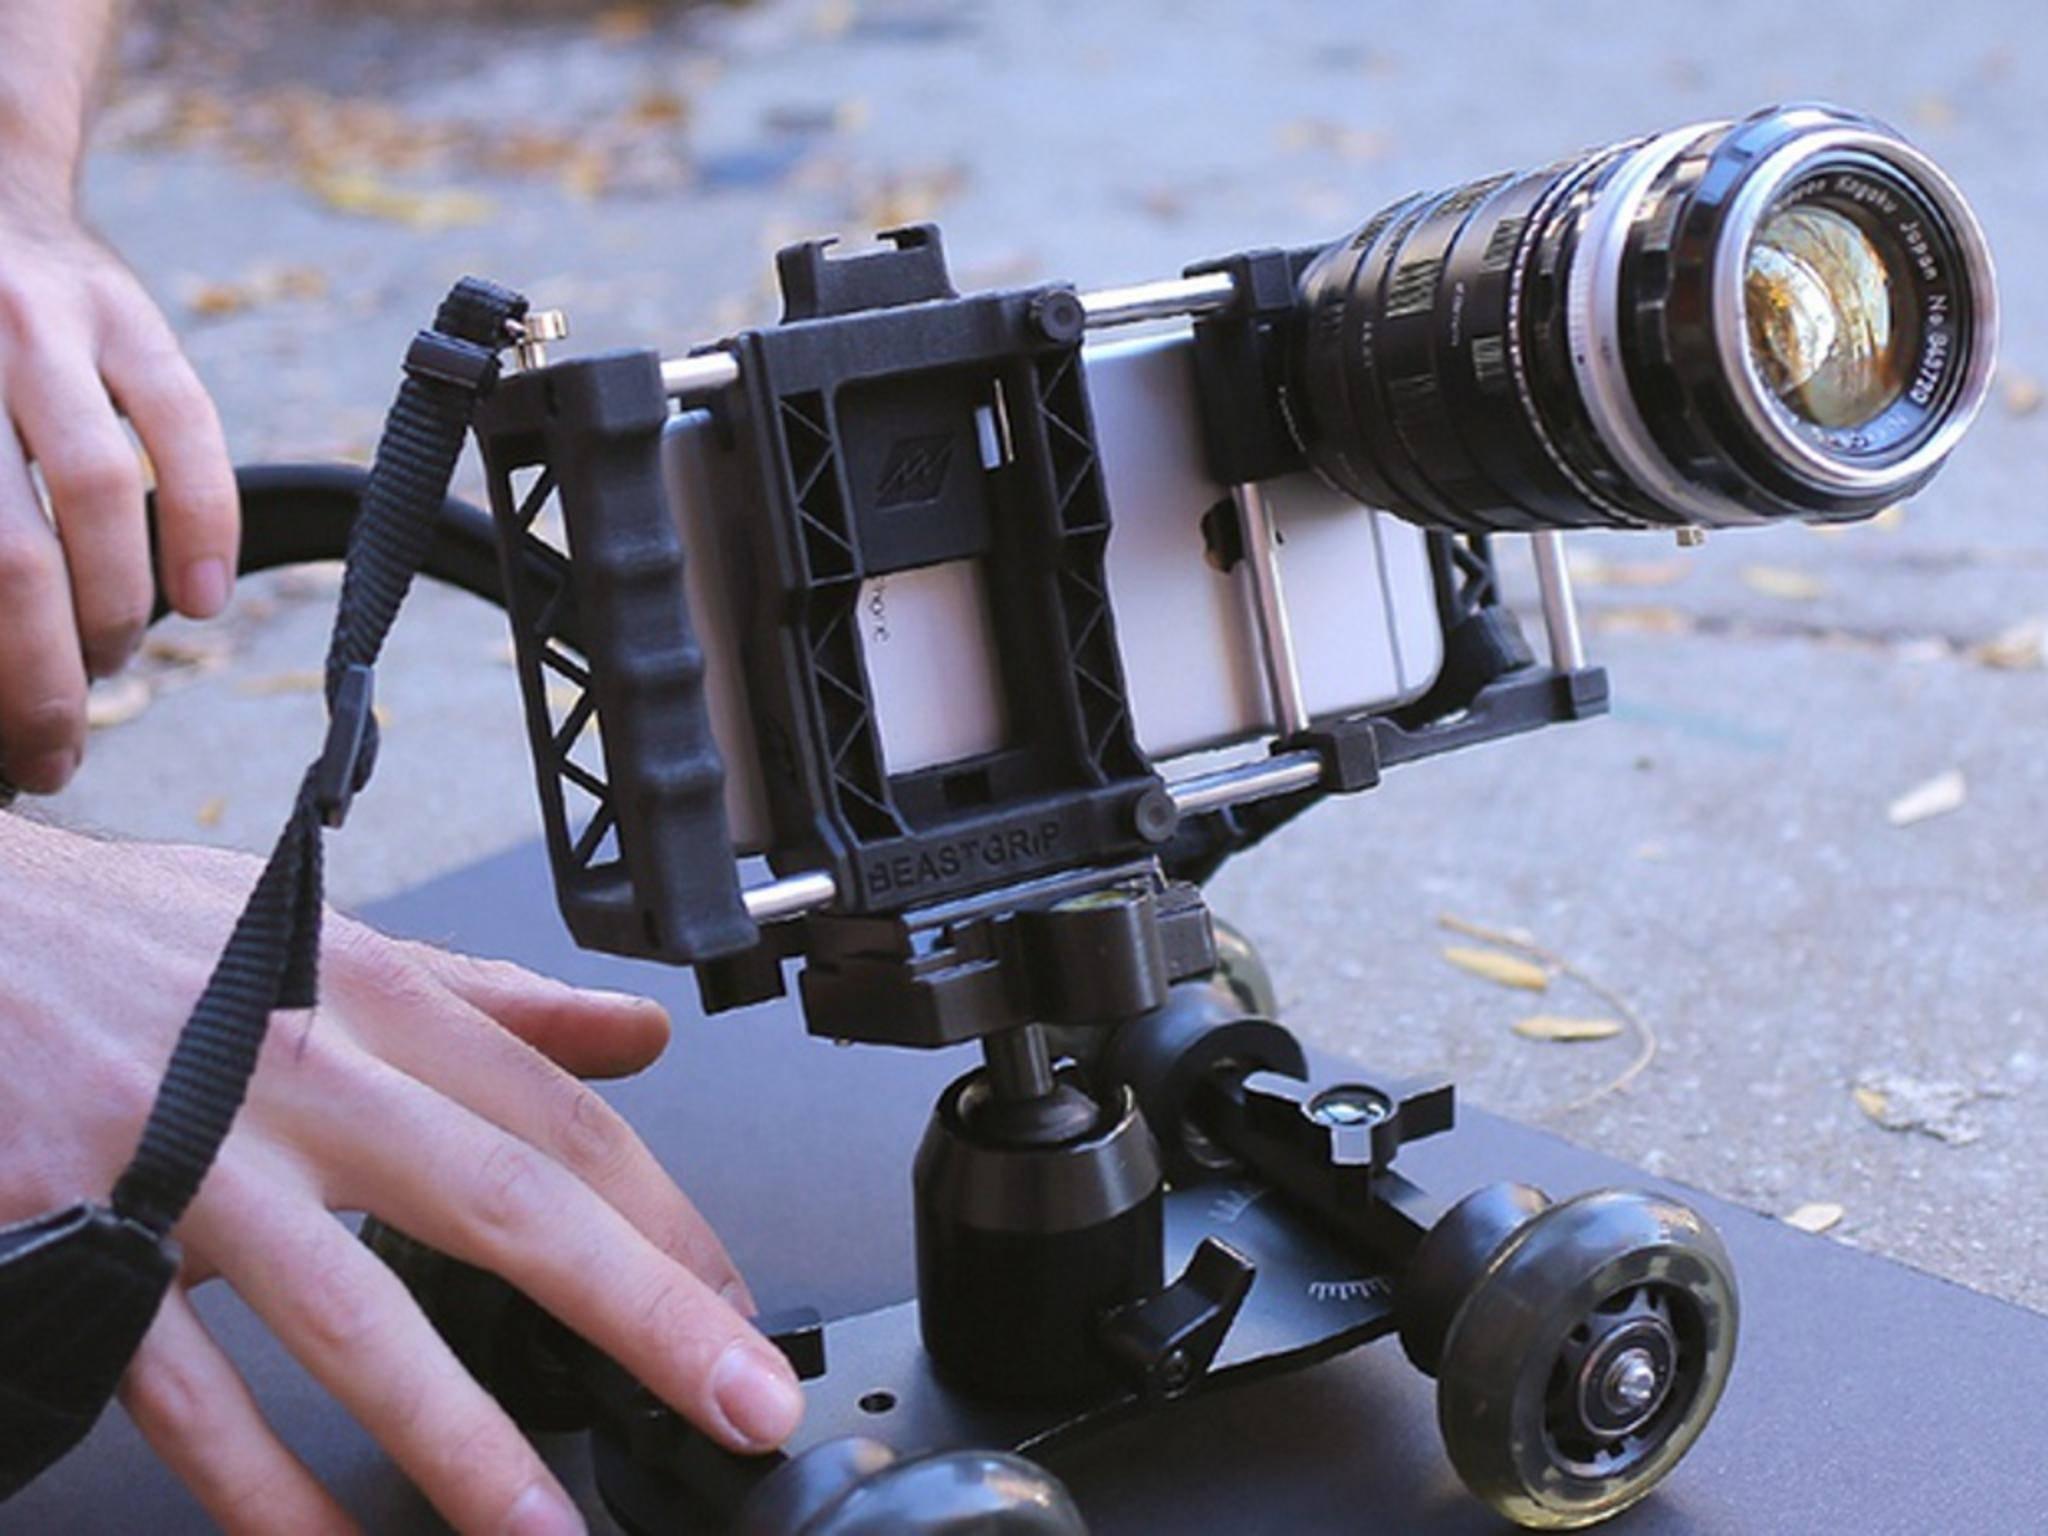 Der Beastgrip Pro ist für mobile Fotografen ein interessantes Hilfsmittel, das die Möglichkeiten des Smartphones erheblich erweitert.